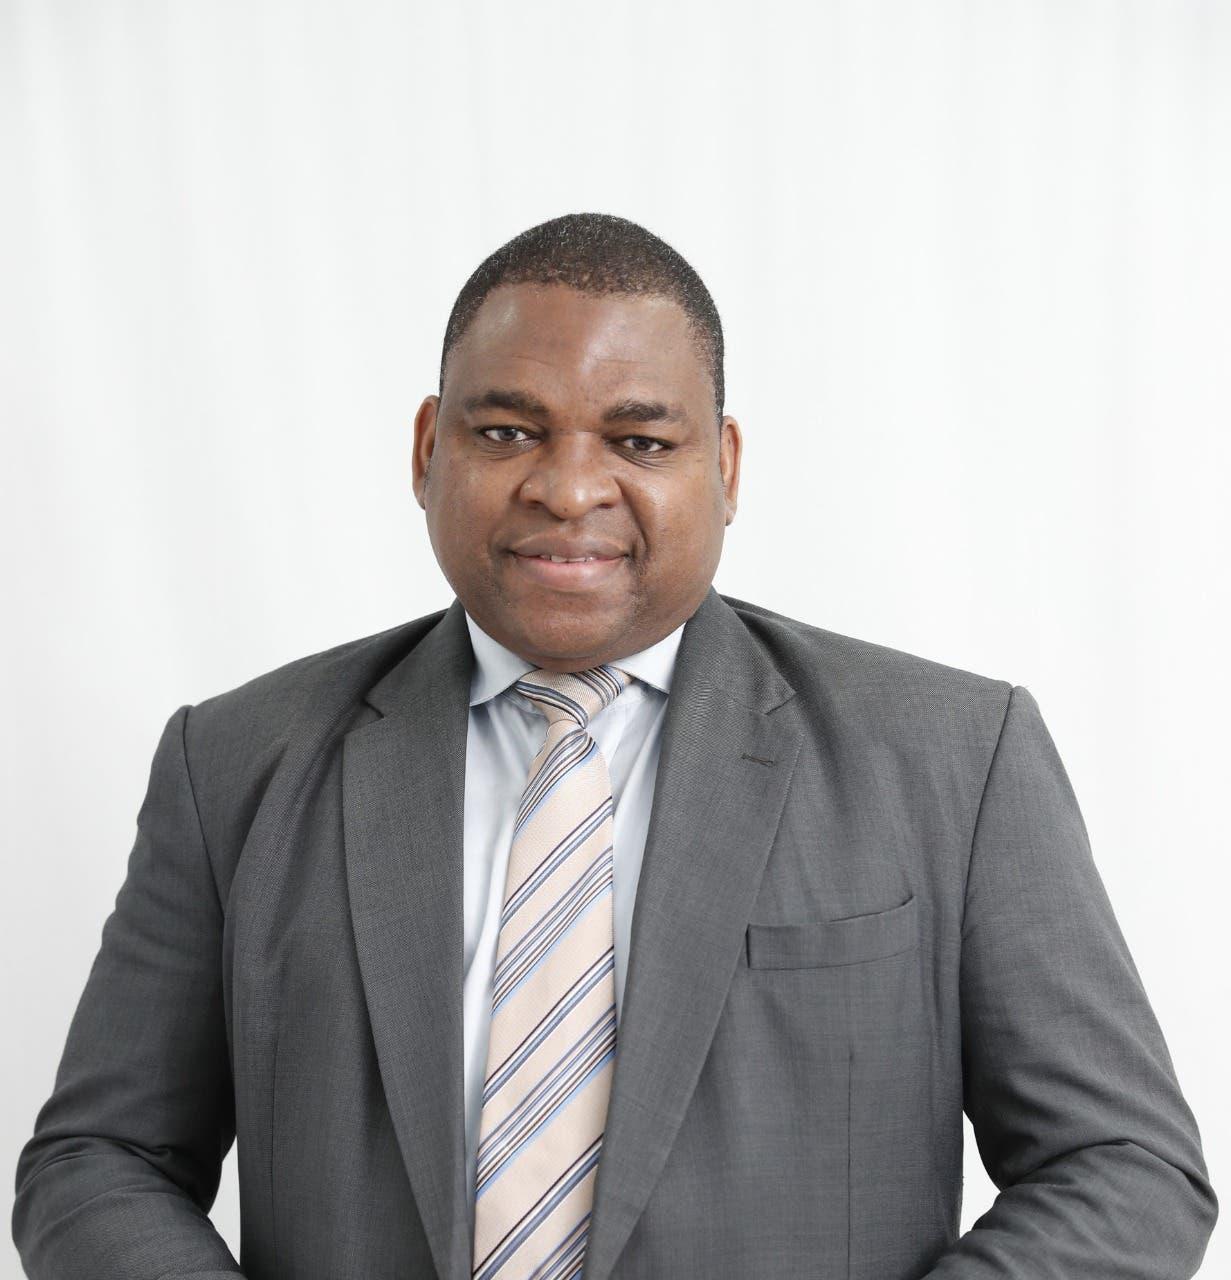 Candidato a presidencia del CDP urge actualizaciones de leyes rigen el ejercicio del periodismo